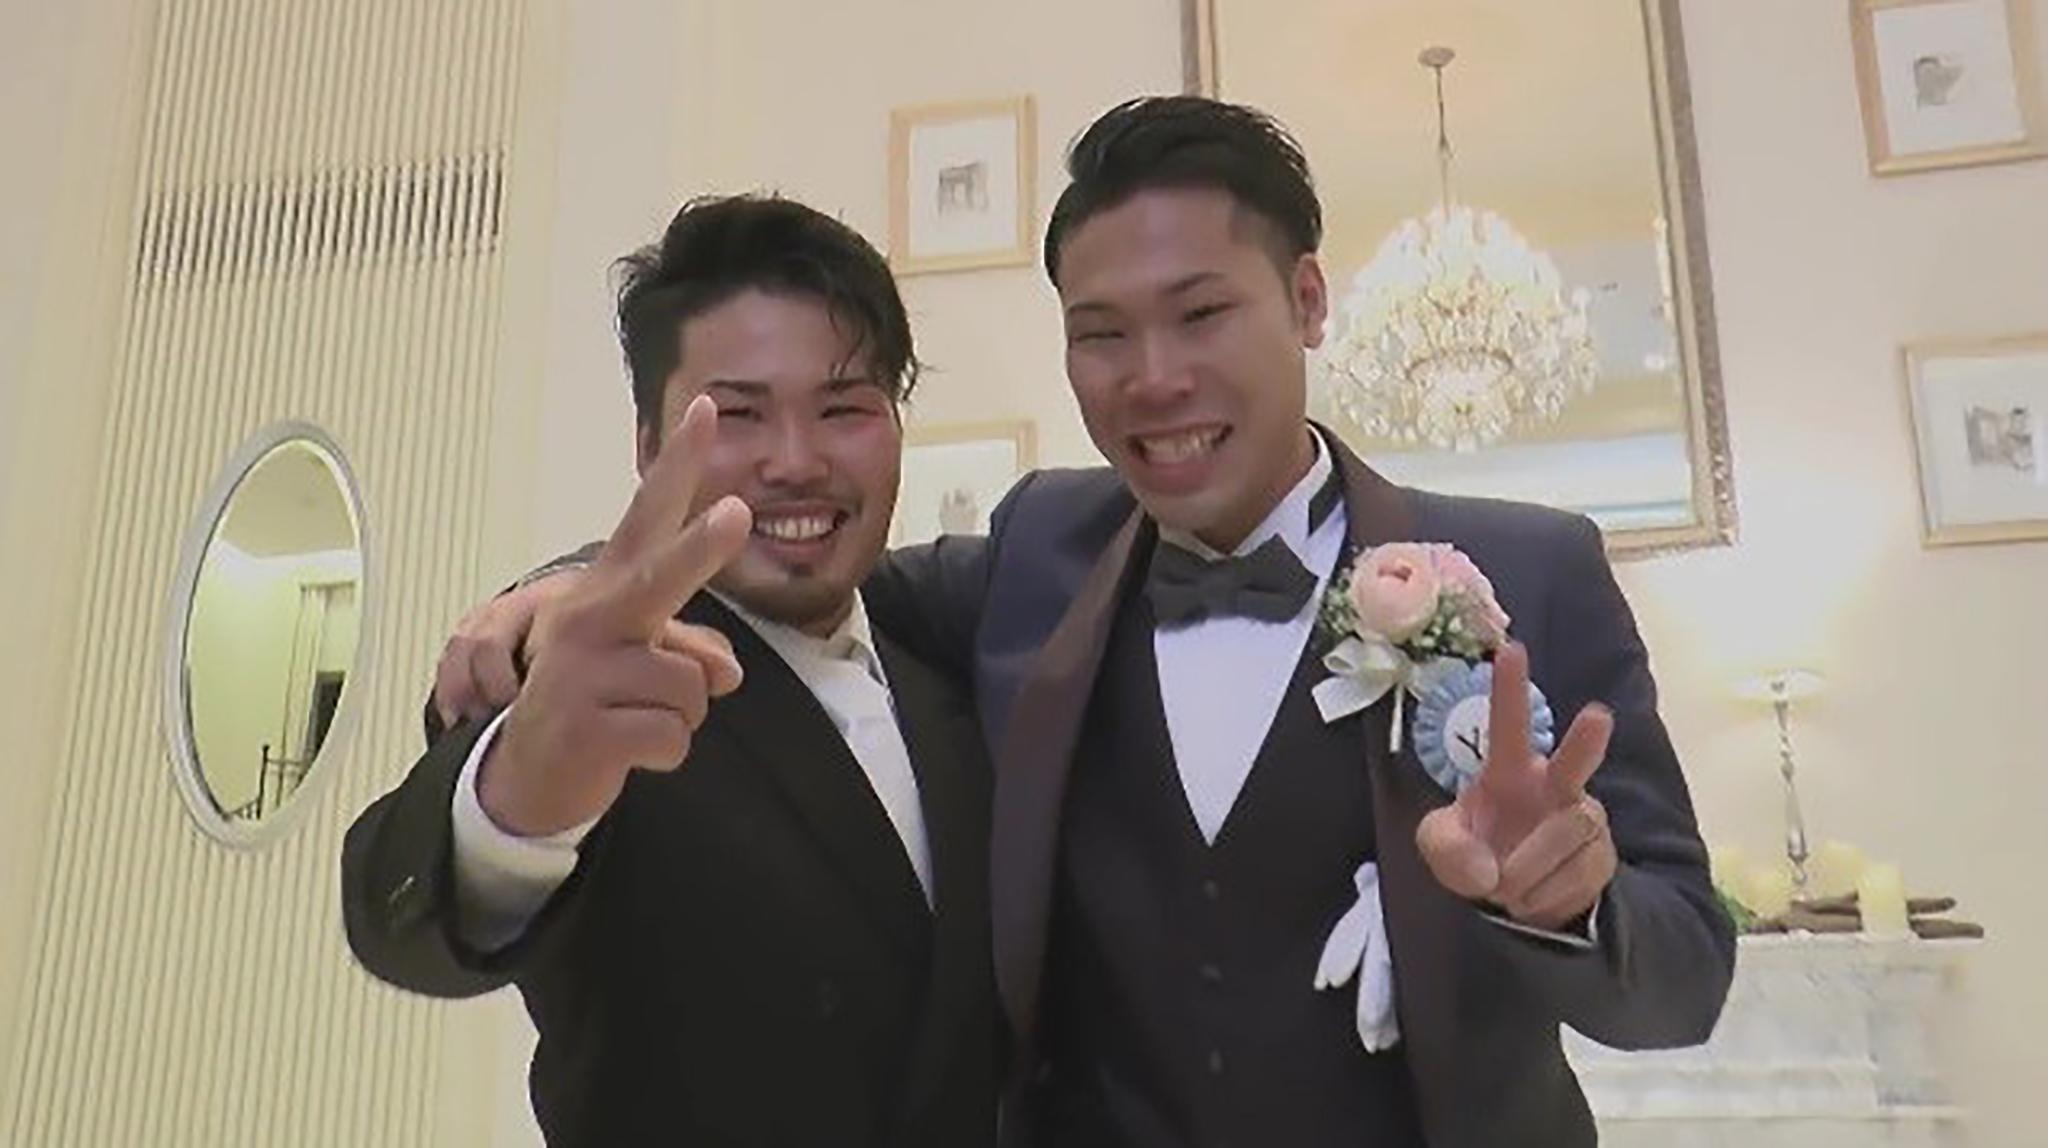 【兄弟の絆】10年分の溝を埋めてくれた結婚式